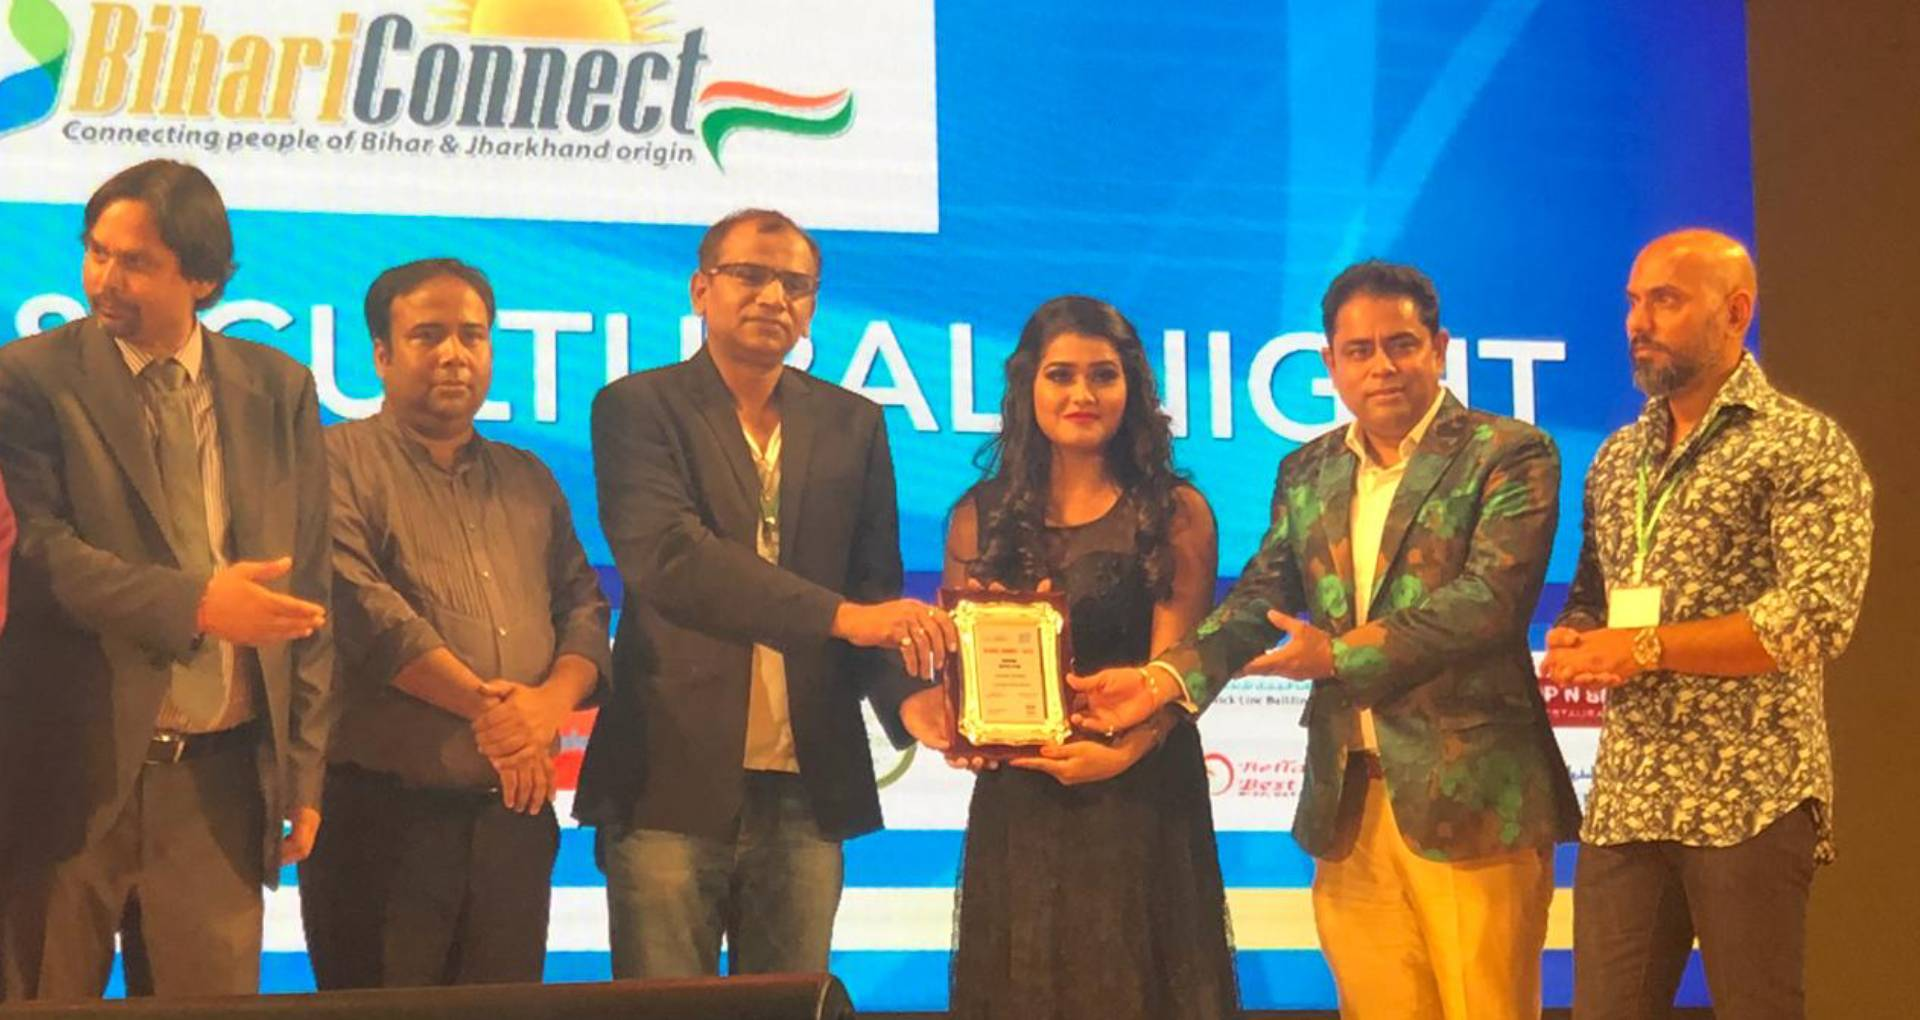 Global Summit Award 2019: रैजिंग सुपरस्टार अवार्ड से सम्मानित हुईं कनक पांडे, सपना गिल के नाम हुई ये अचीवमेंट